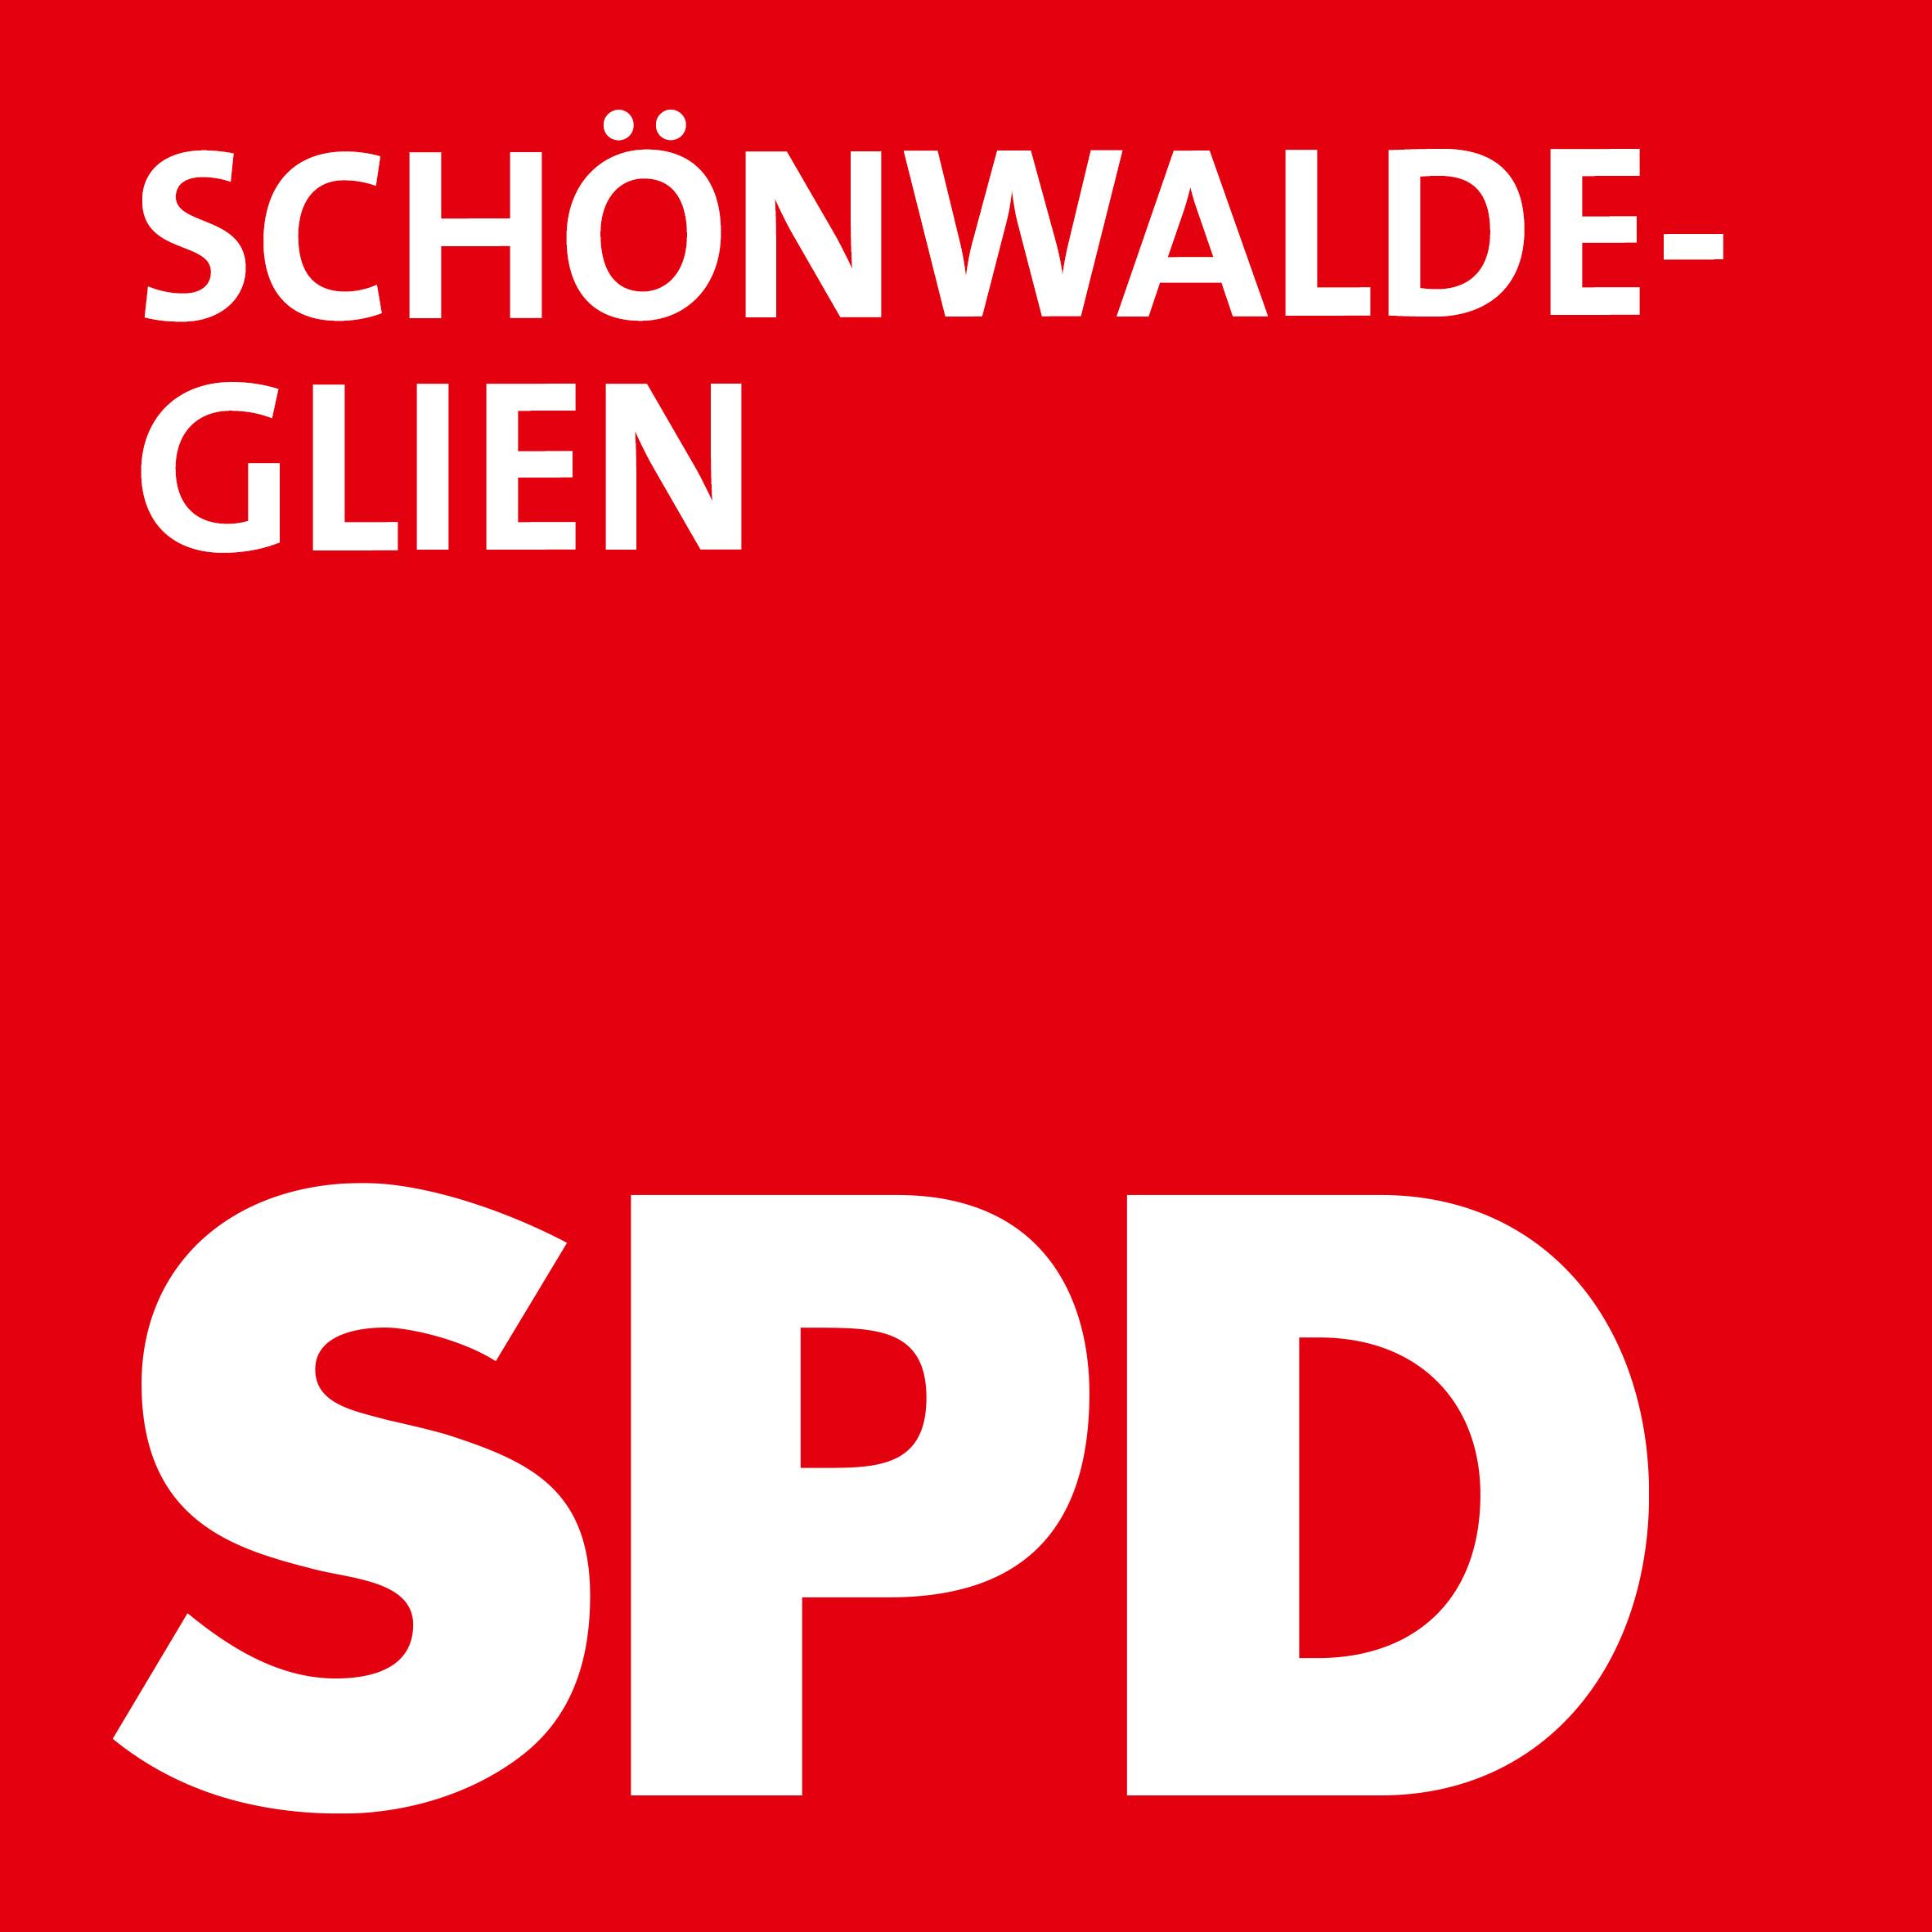 SPD Schönwalde-Glien